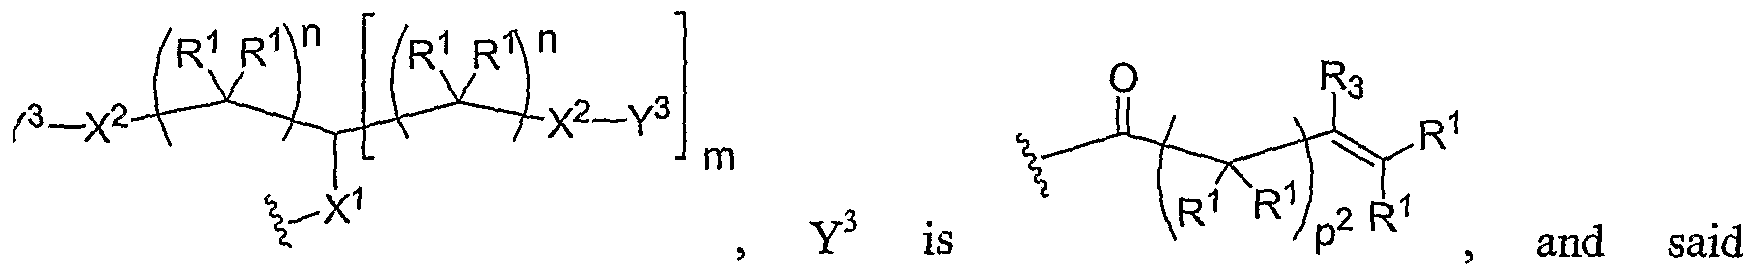 Figure imgf000323_0001